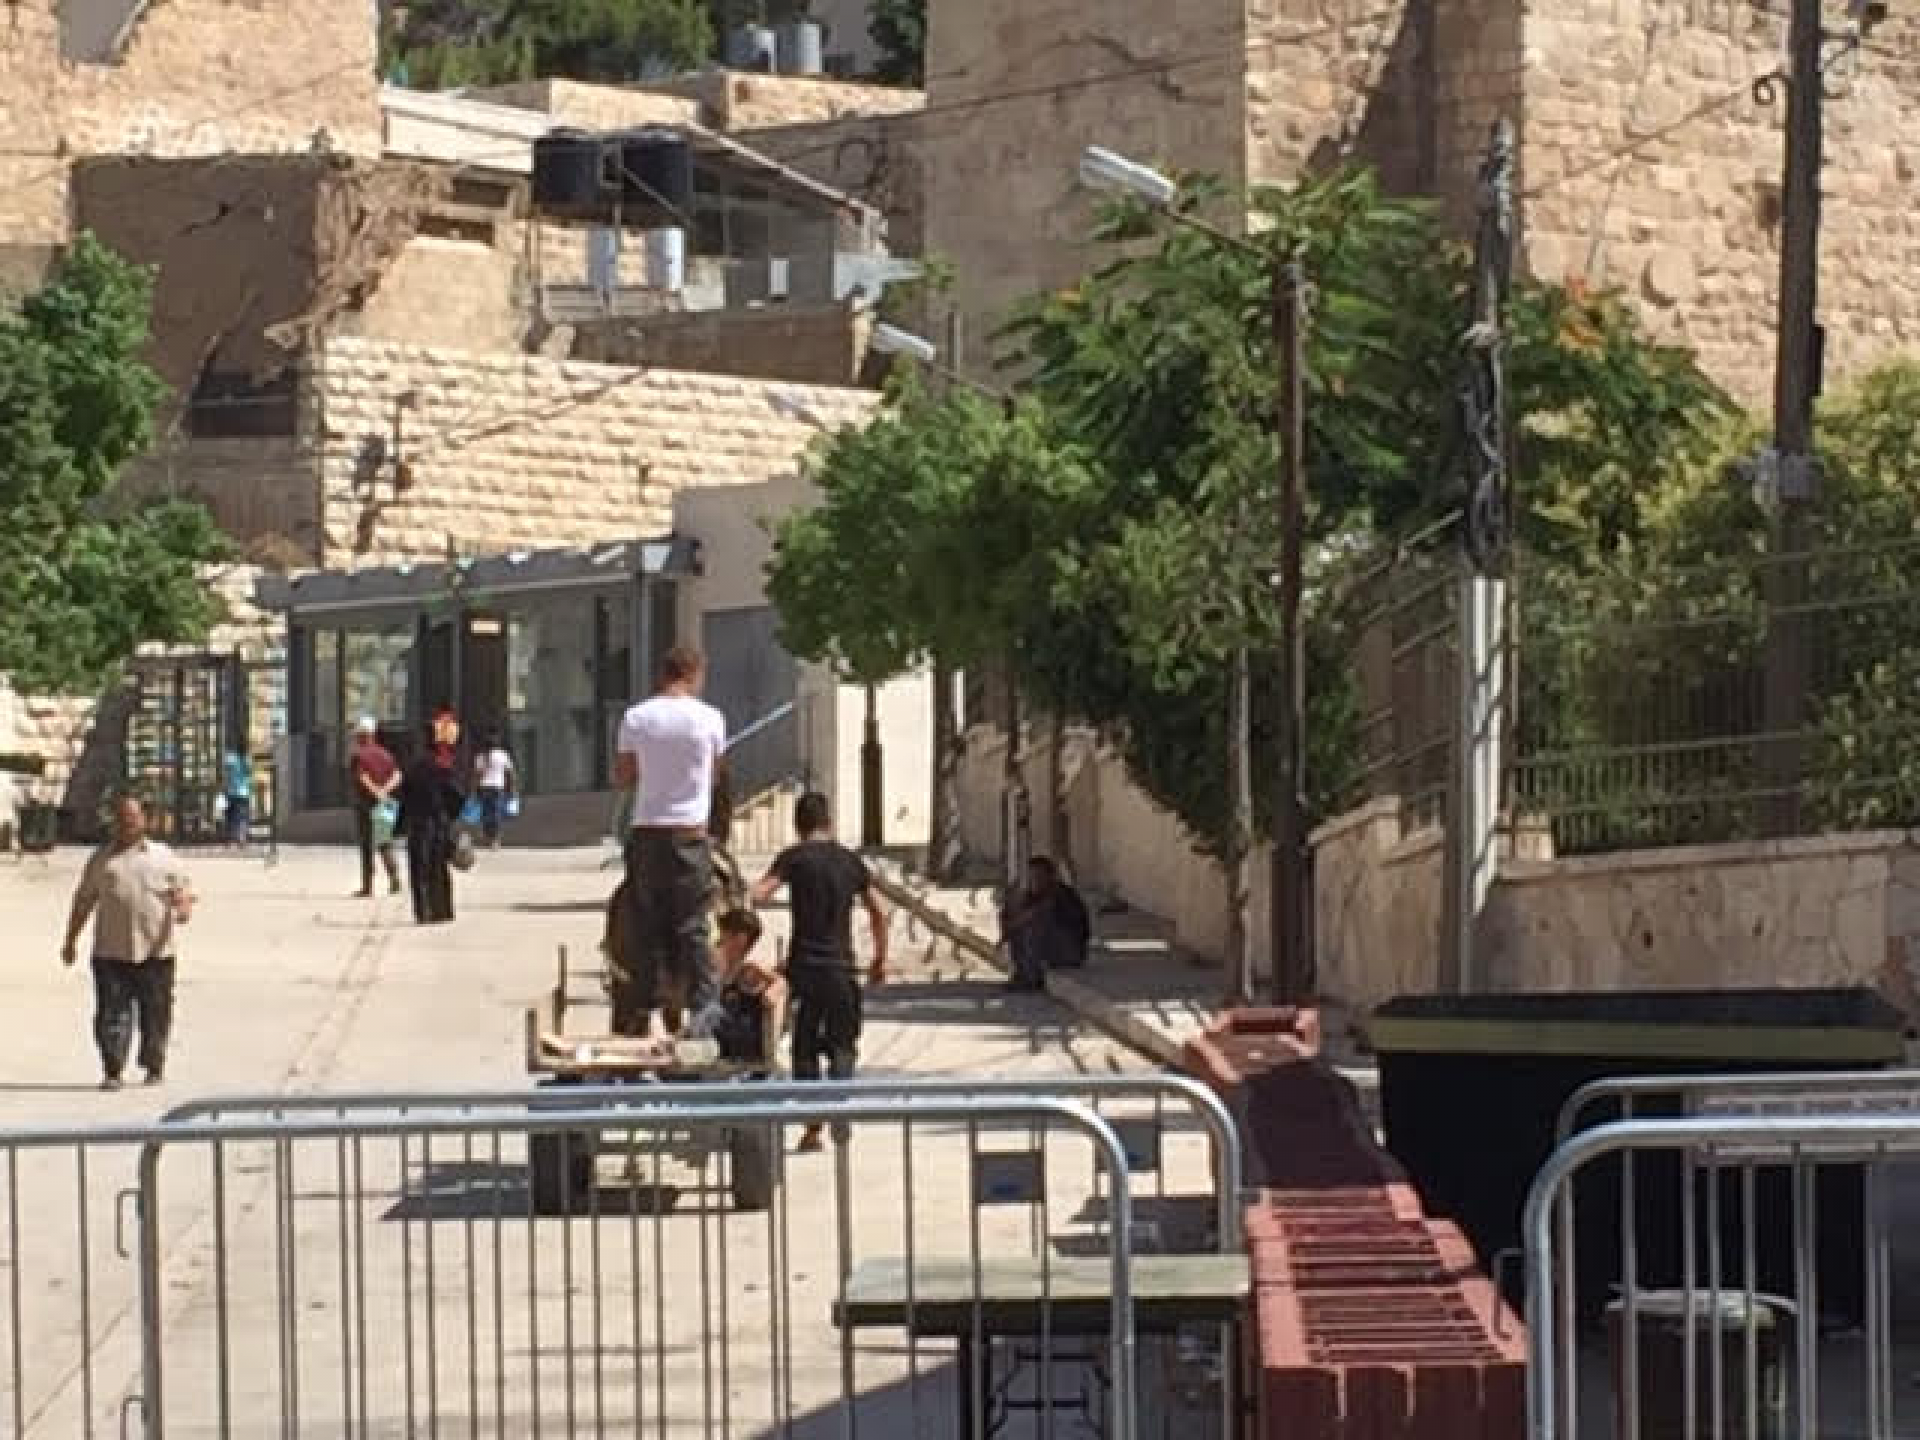 עגלה היא כלי הרכב היחידי שמותר לו להסתובב ברחוב אם הוא לא יהודי